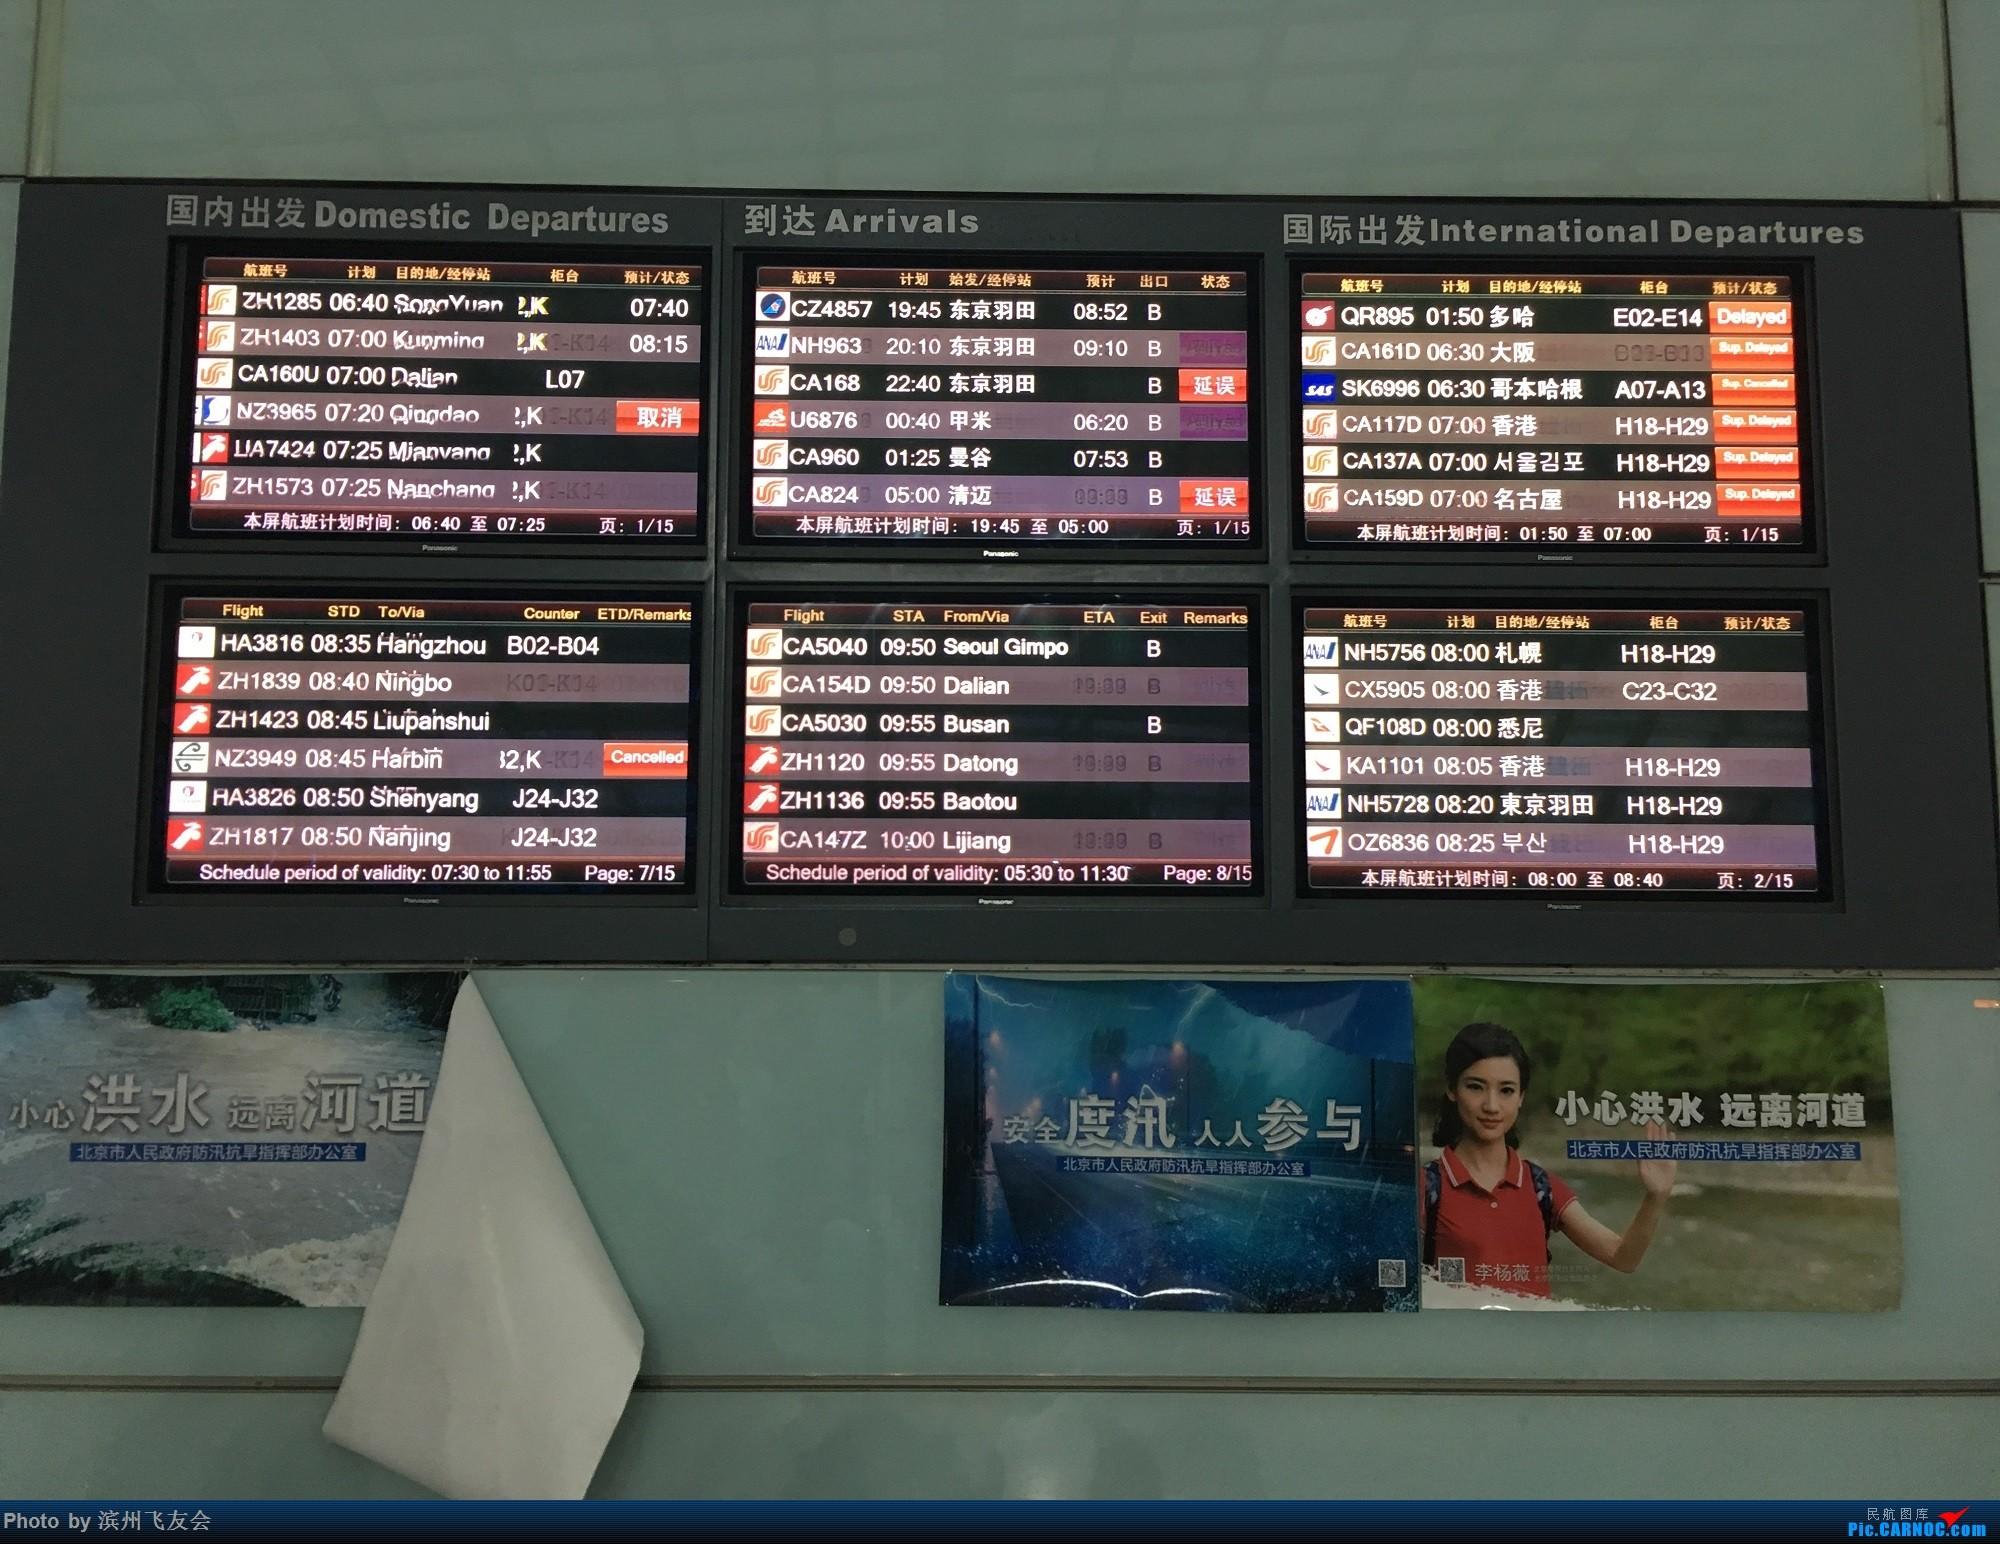 [原创]~骚年飞行篇~补充半年前的CA111:PEK-HKG,有幸坐到大擦第50架A330!    中国北京首都国际机场